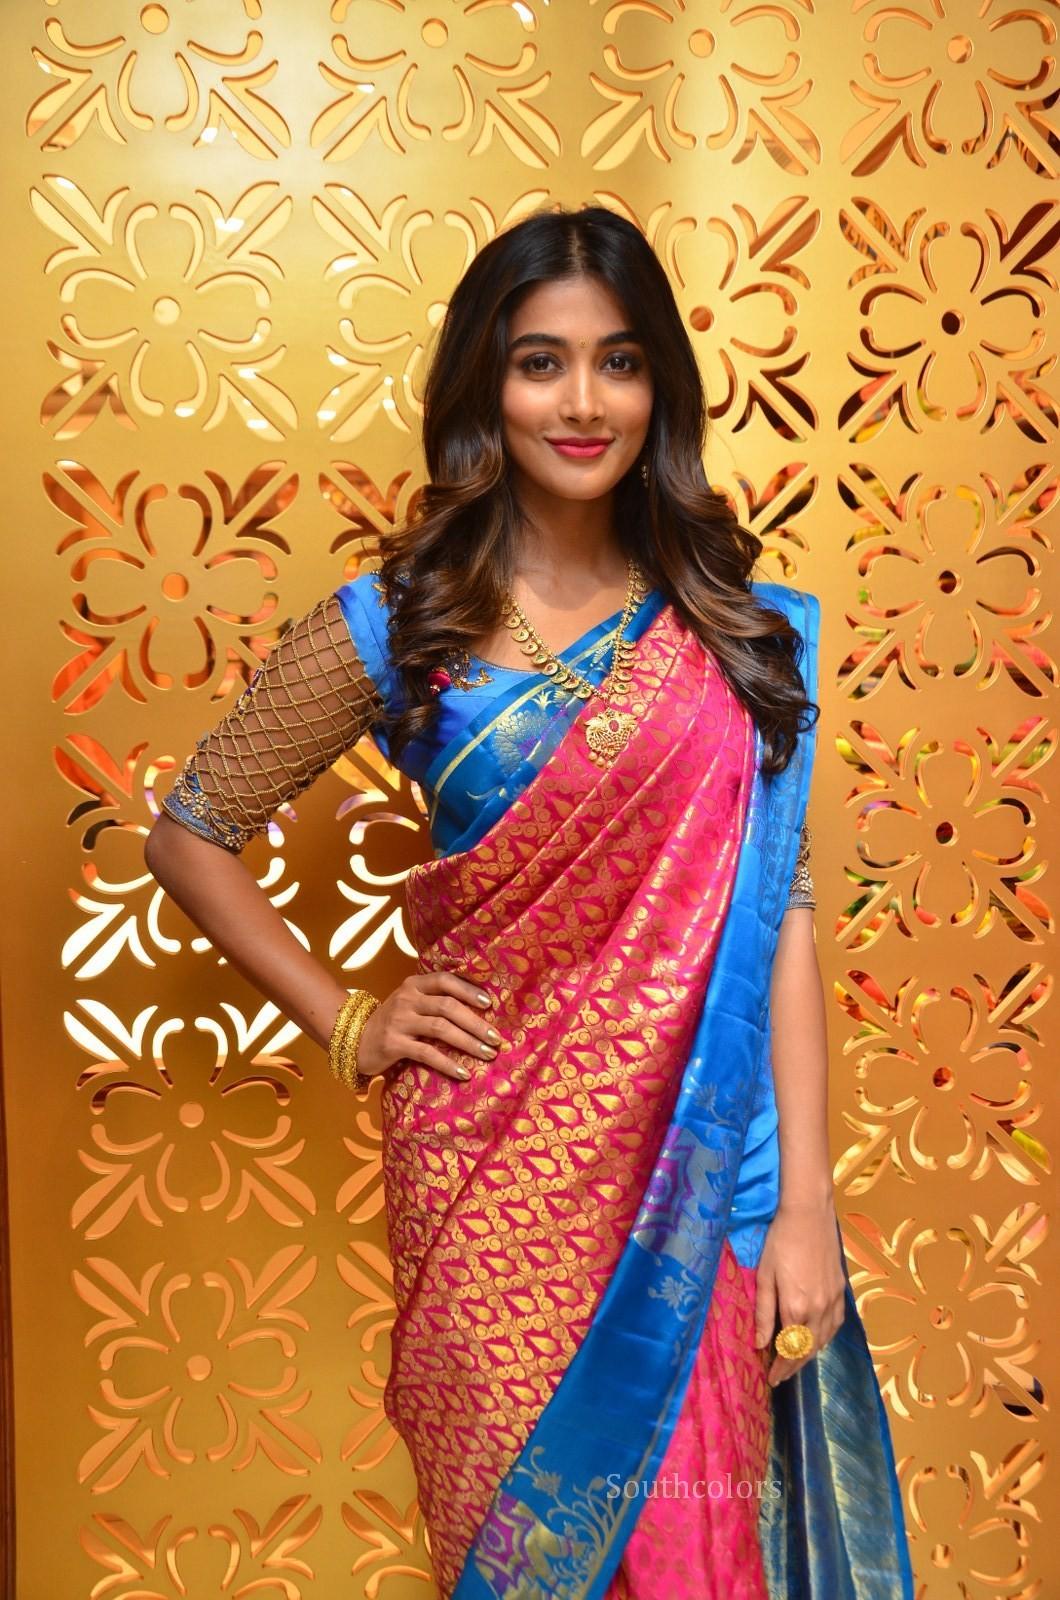 pooja hegde traditional saree photos southcolors 4